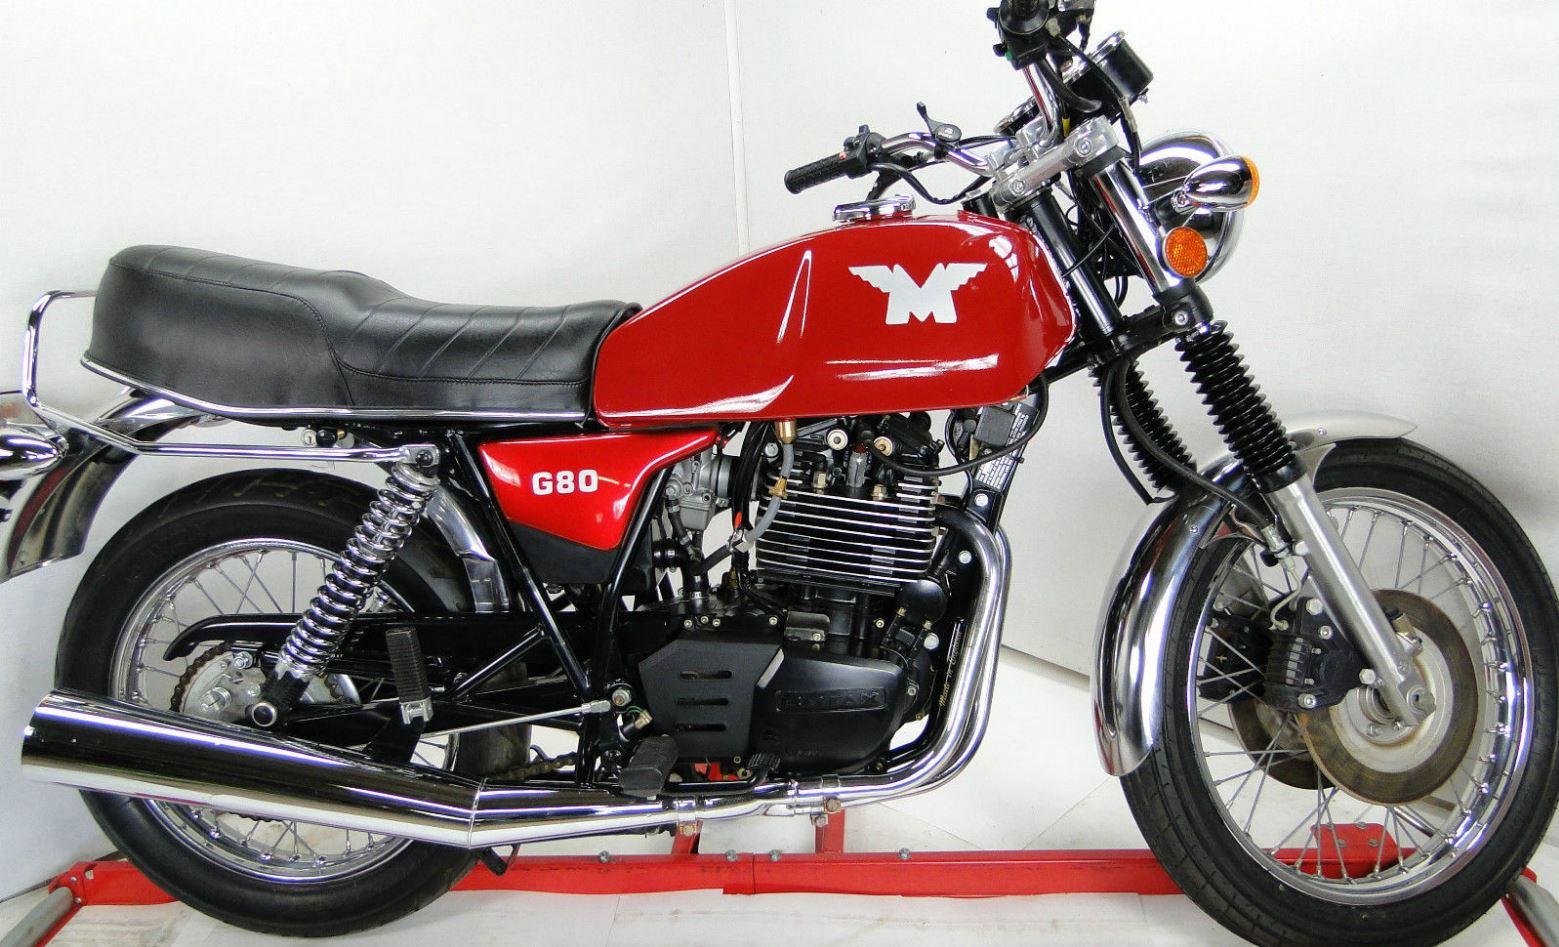 Rotax Power – 1988 Harris Matchless G80 – Bike-urious